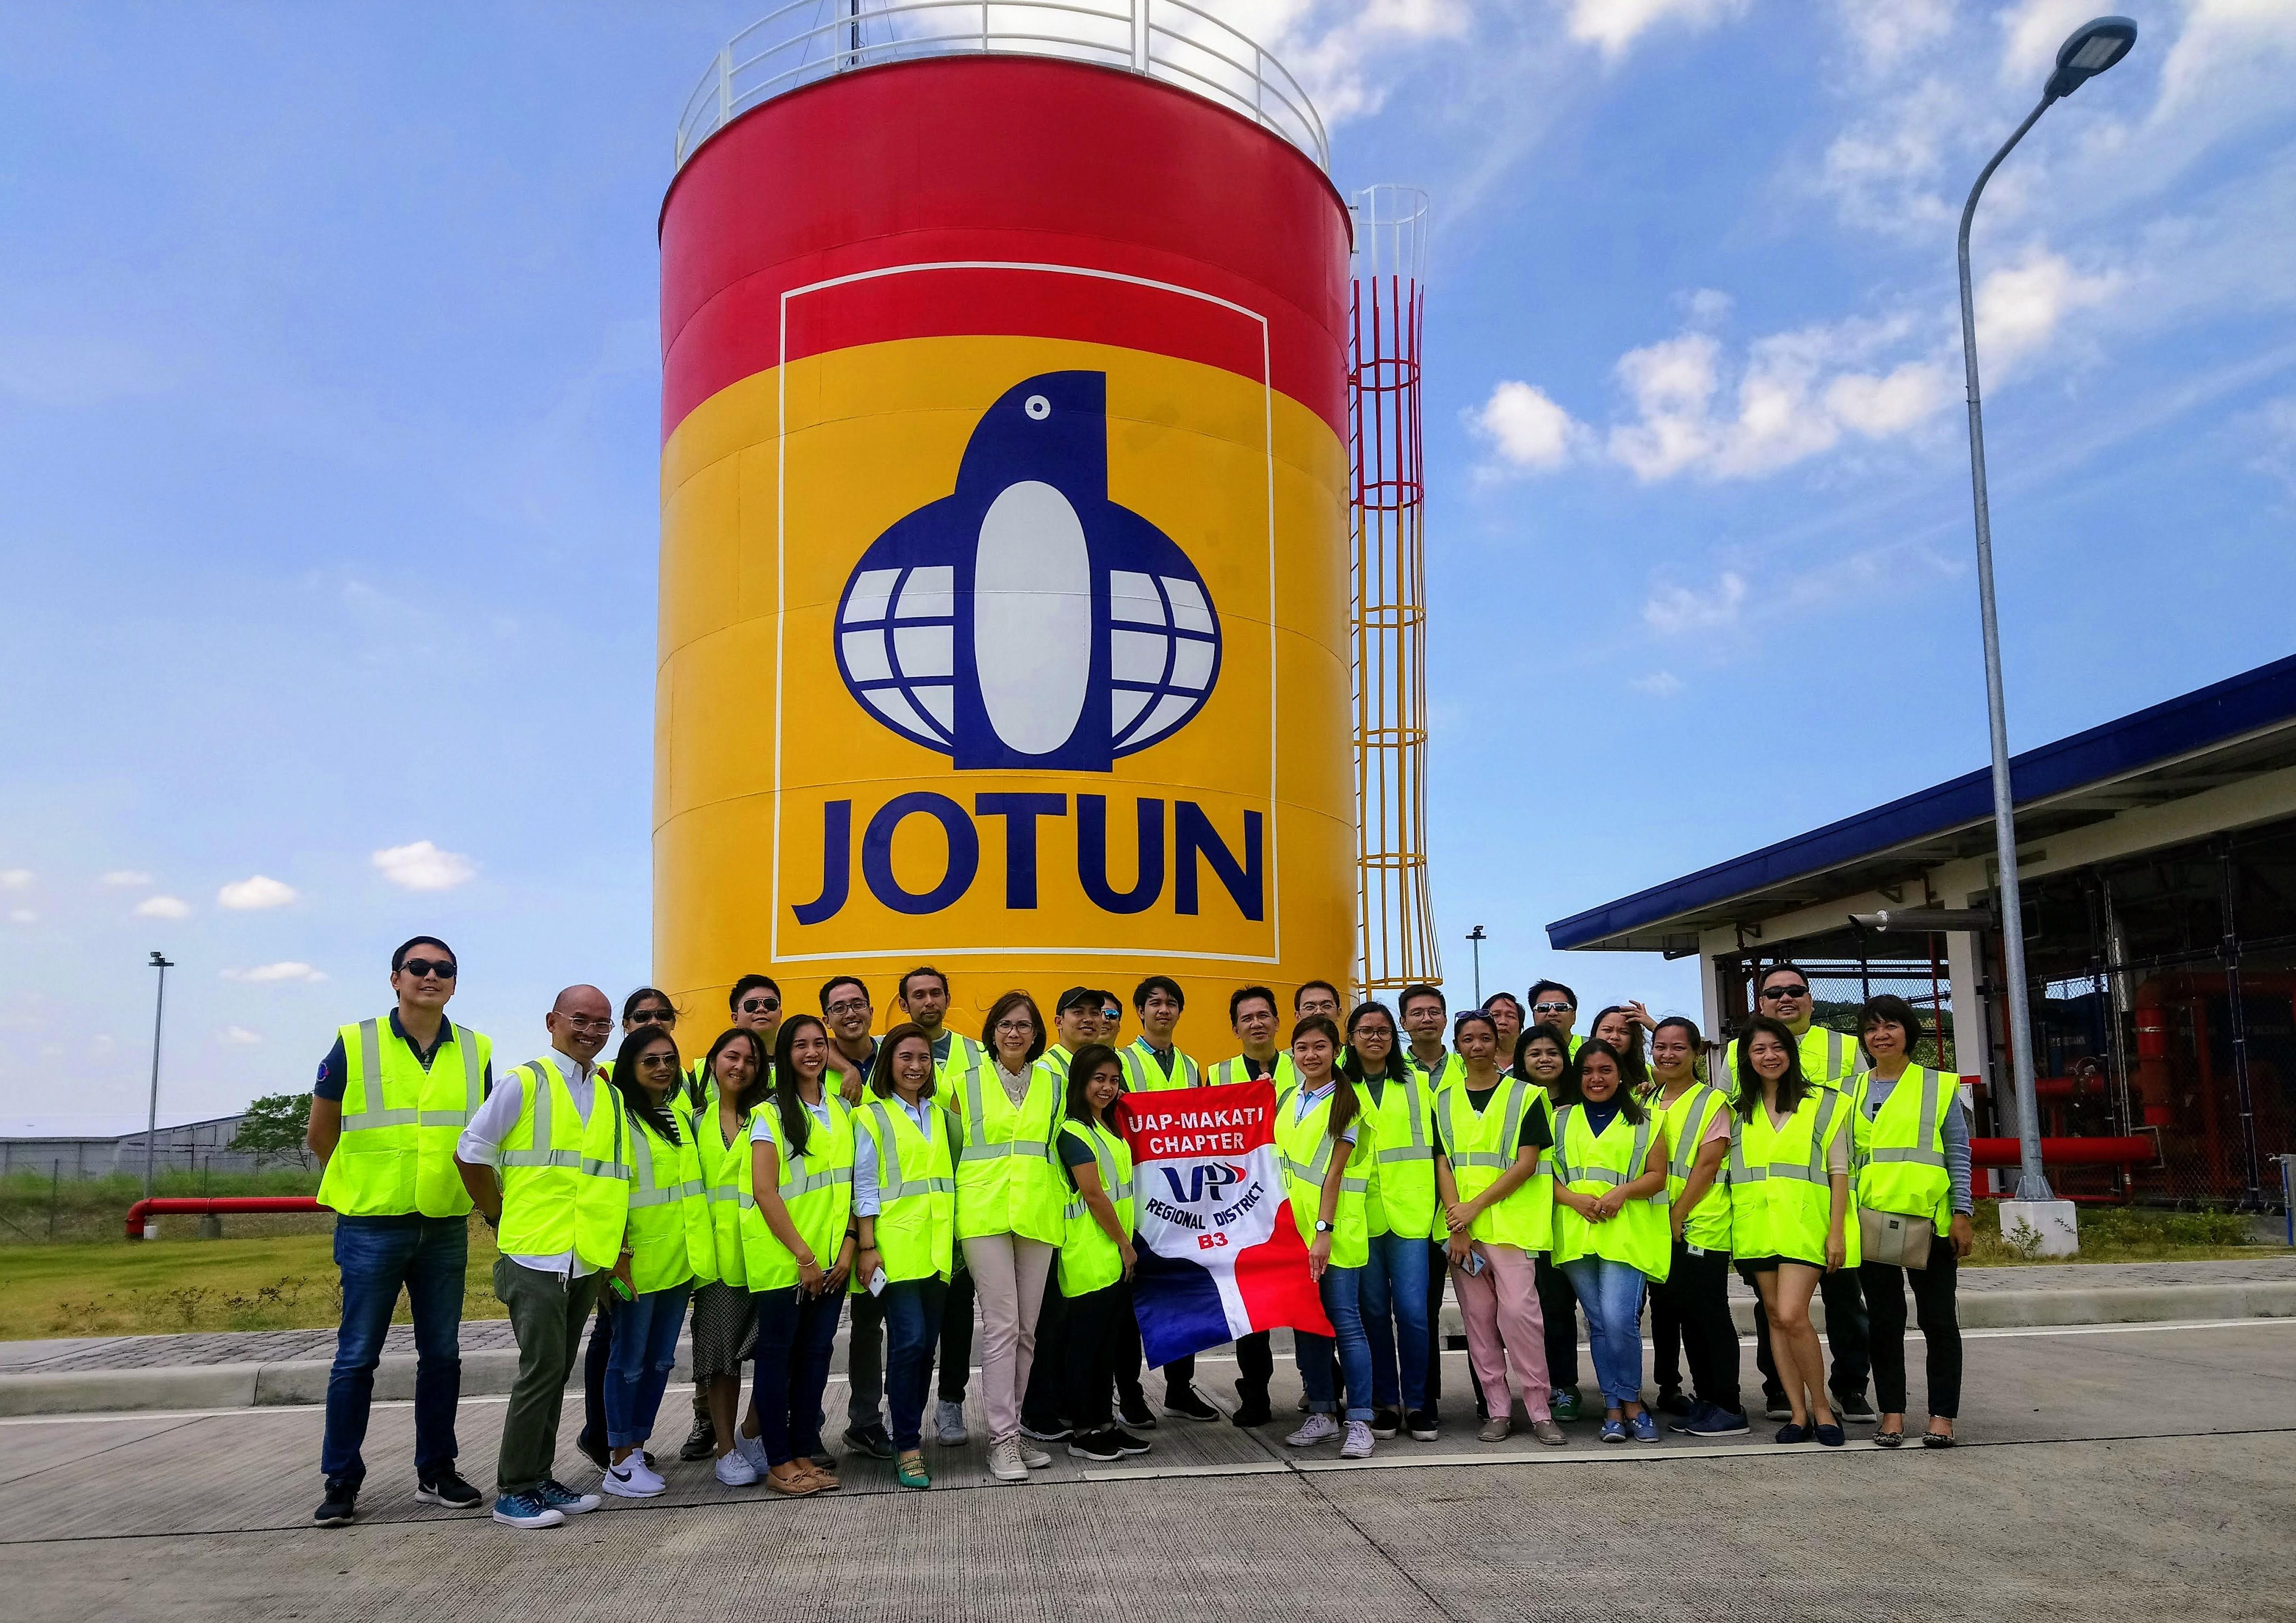 jotun-group-photo